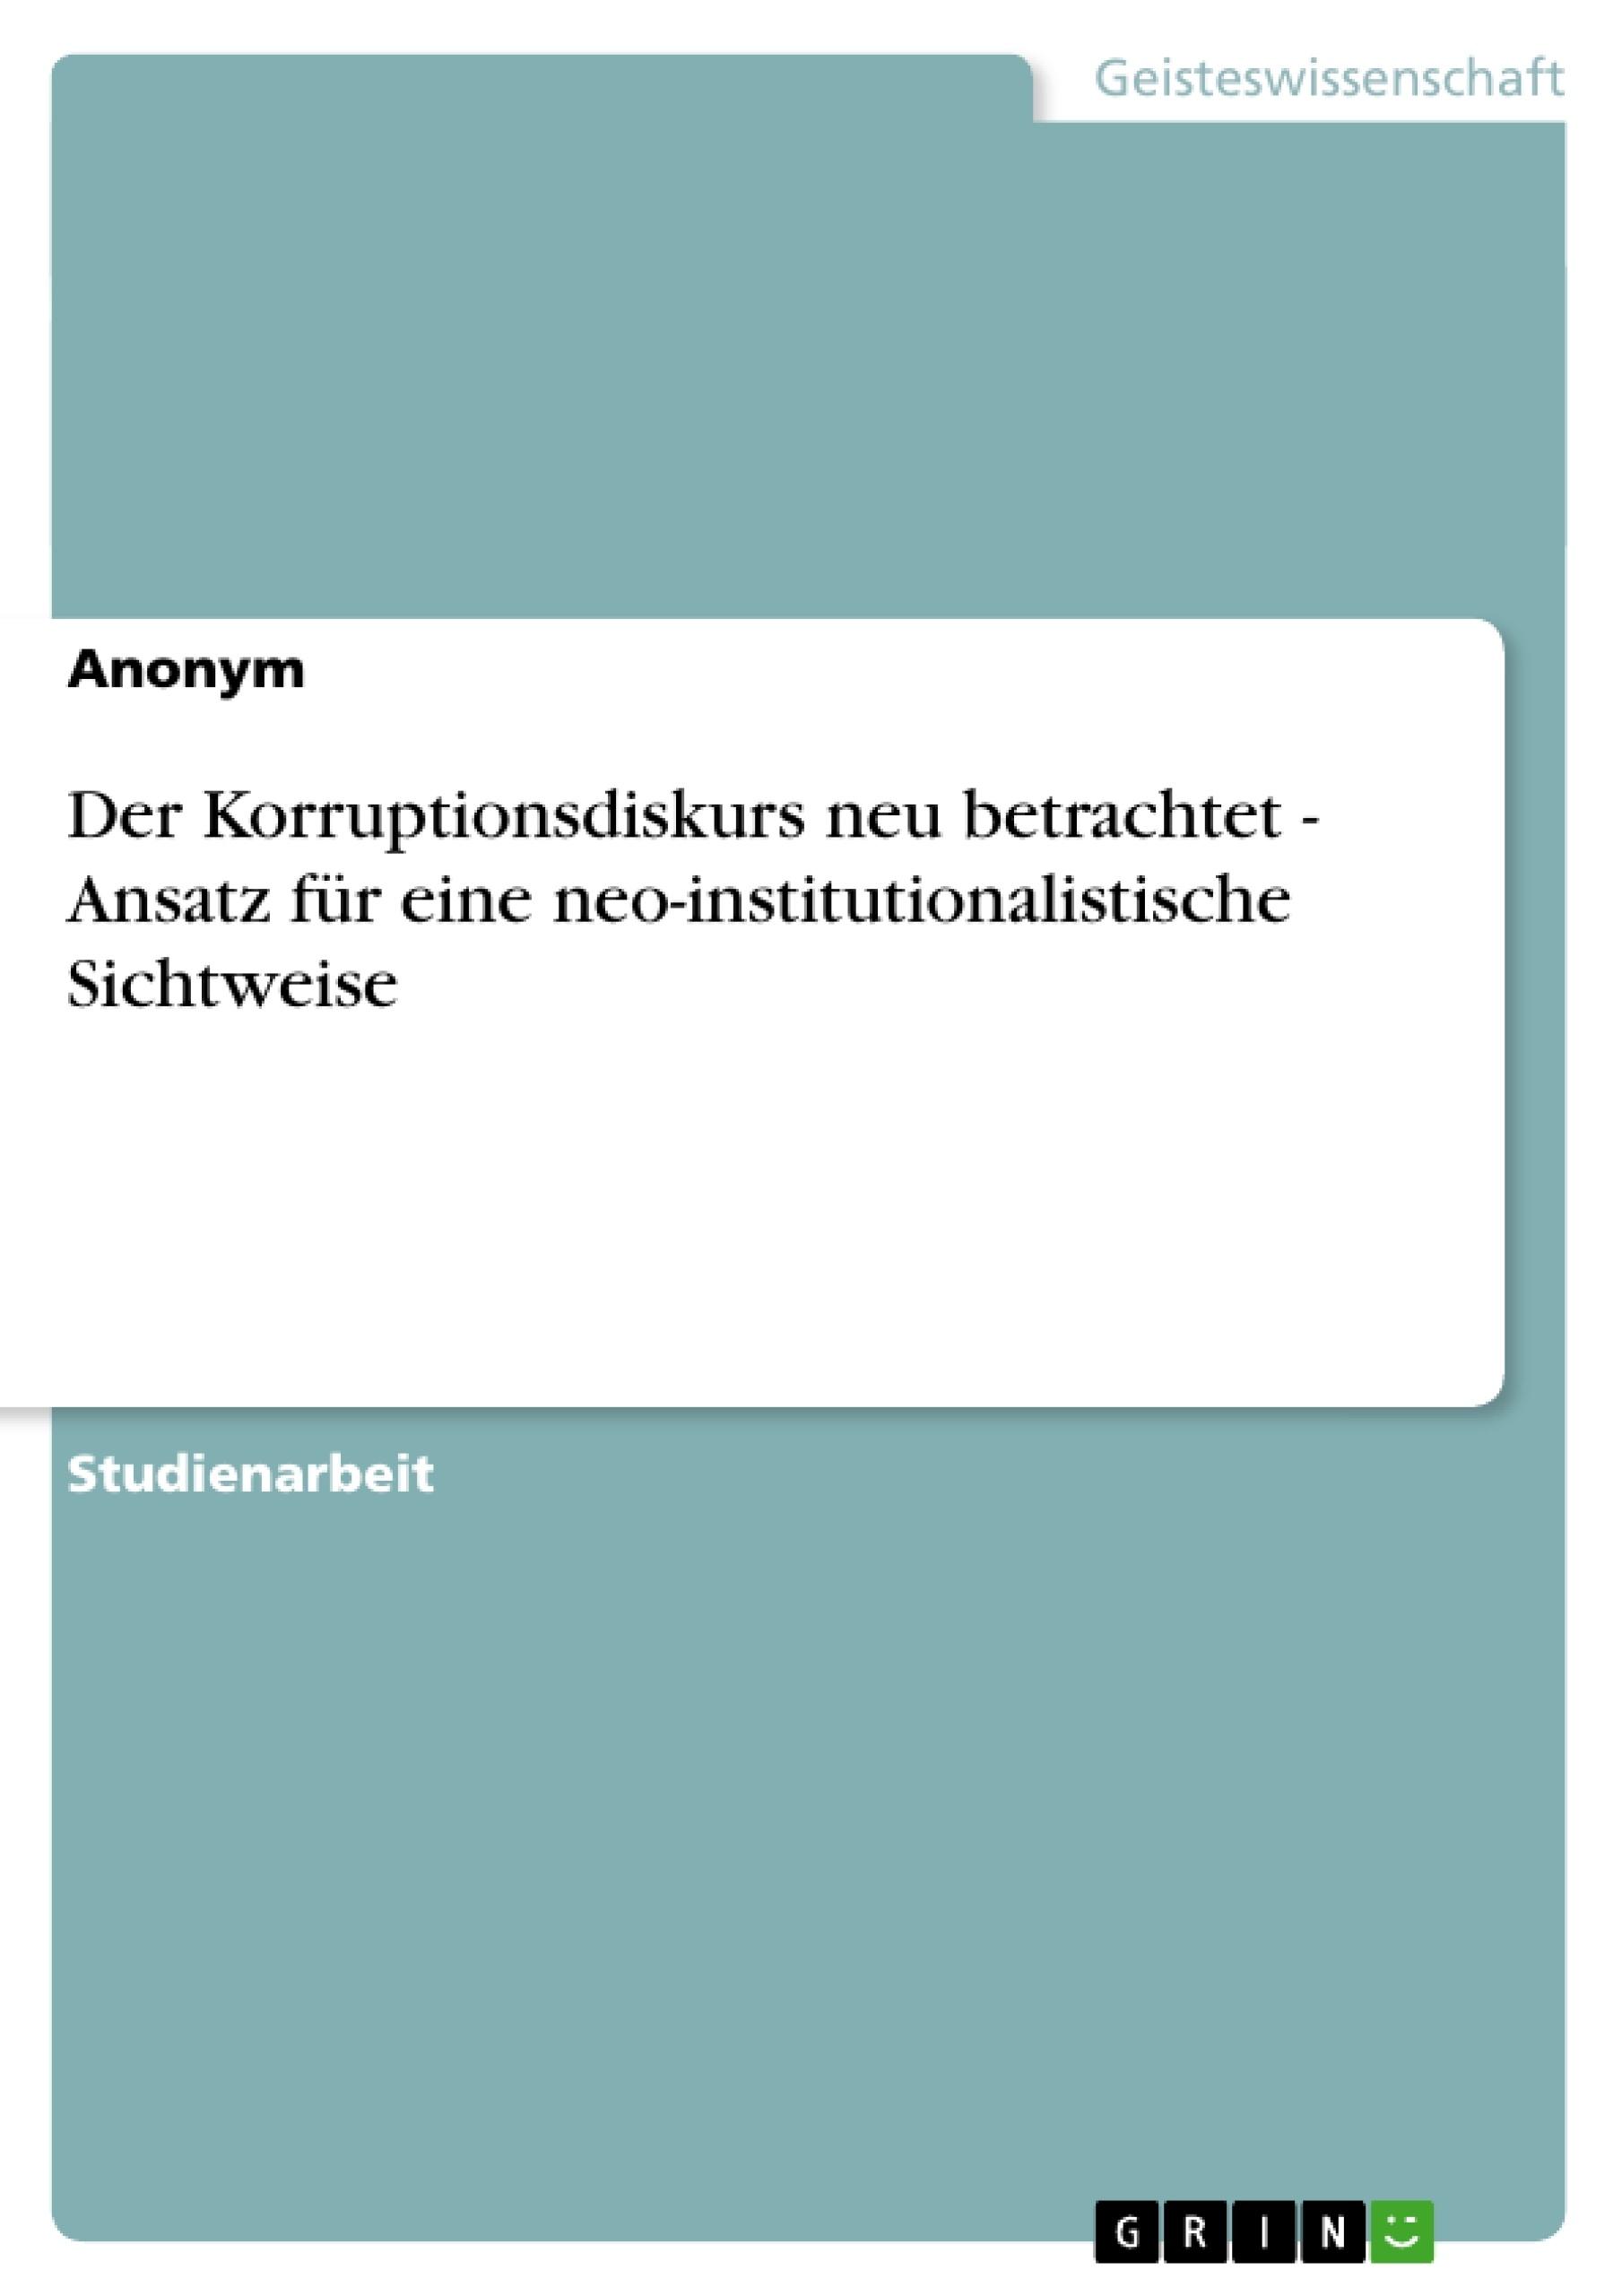 Titel: Der Korruptionsdiskurs neu betrachtet - Ansatz für eine neo-institutionalistische Sichtweise